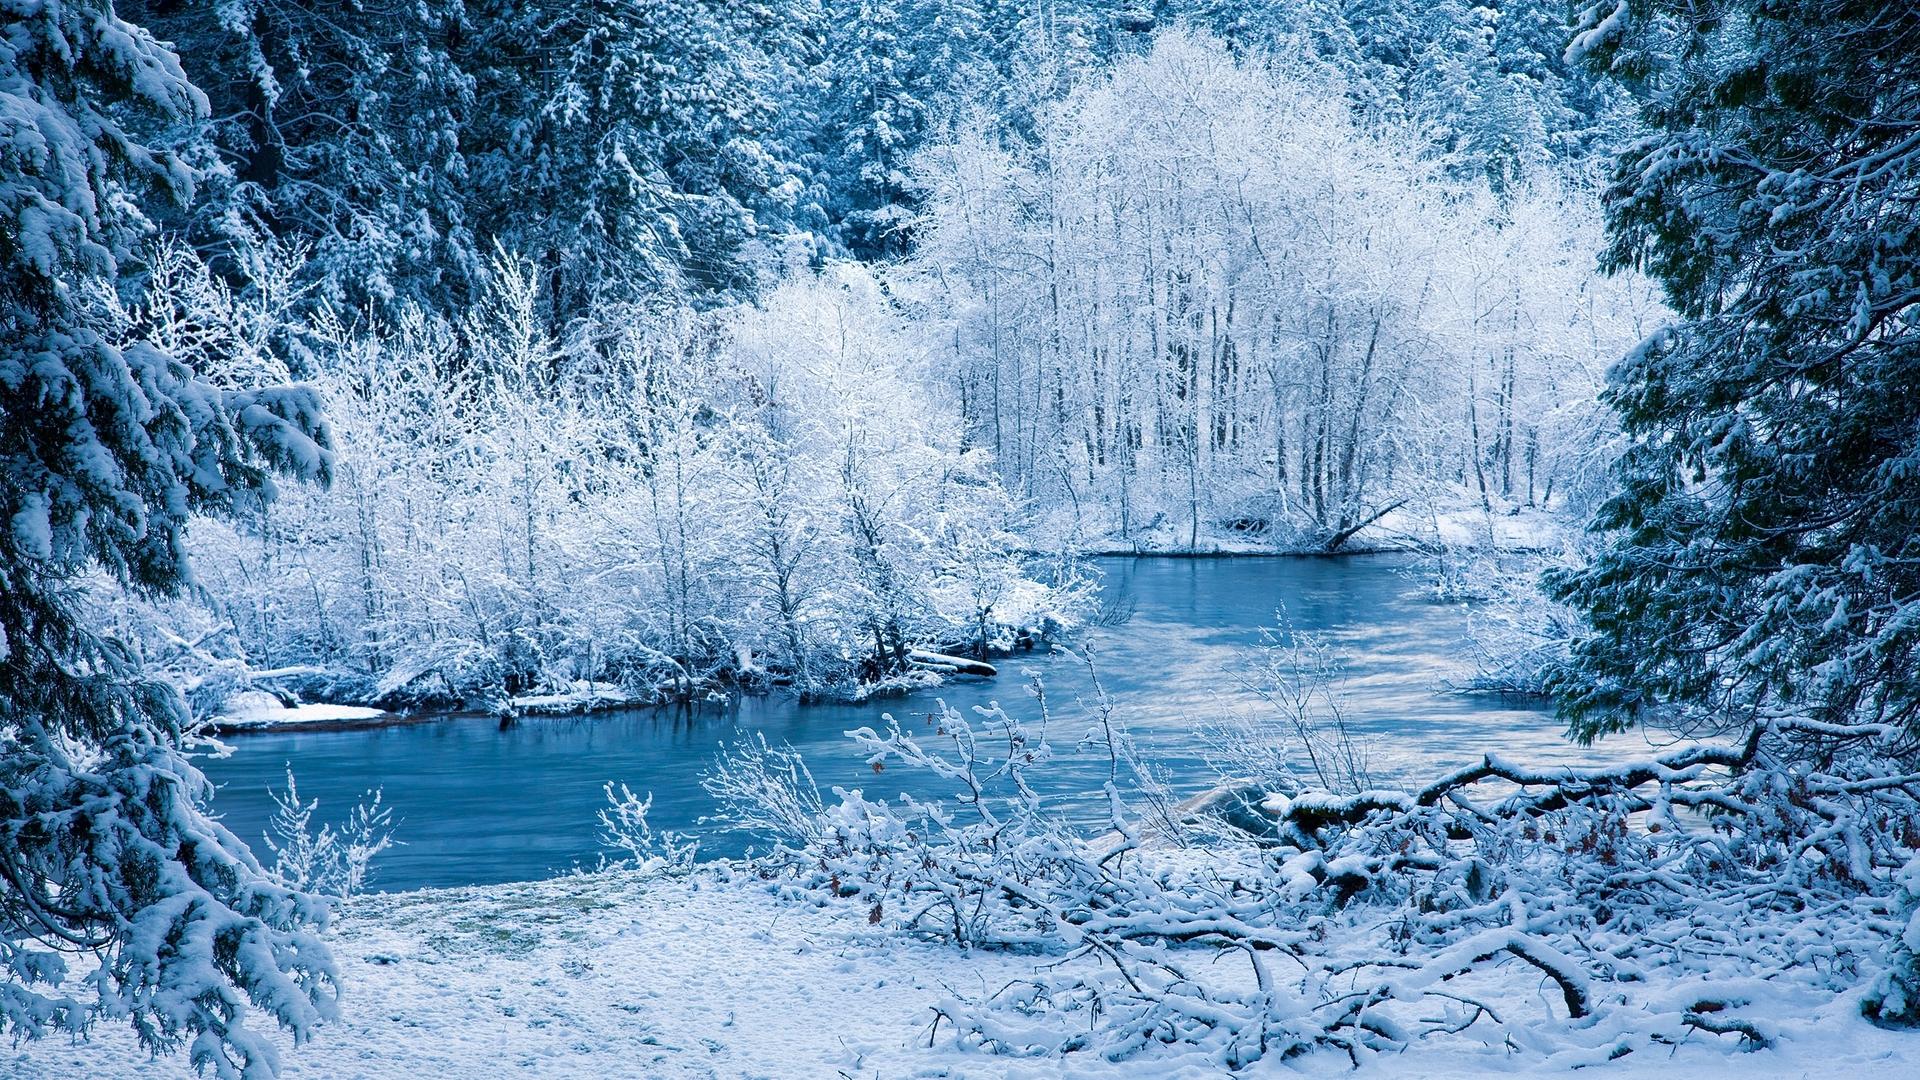 Лучшие картинки зимние на обои   подборка (10)